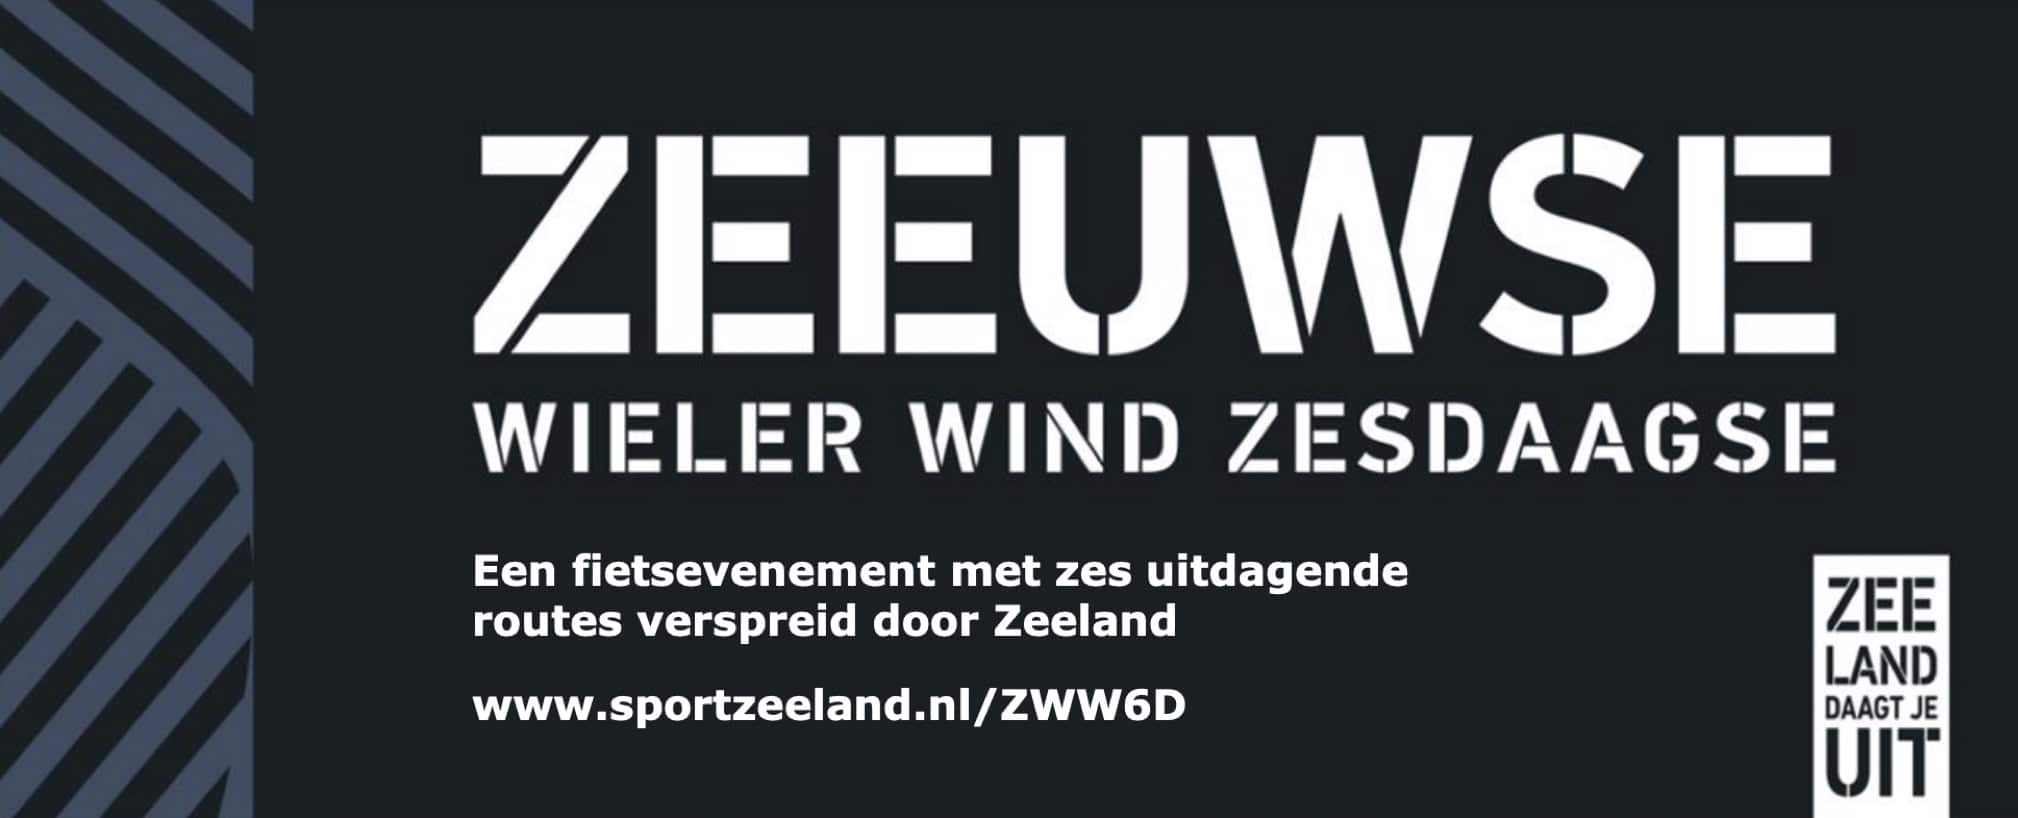 Zeeuwse Wieler Wind Zesdaagse